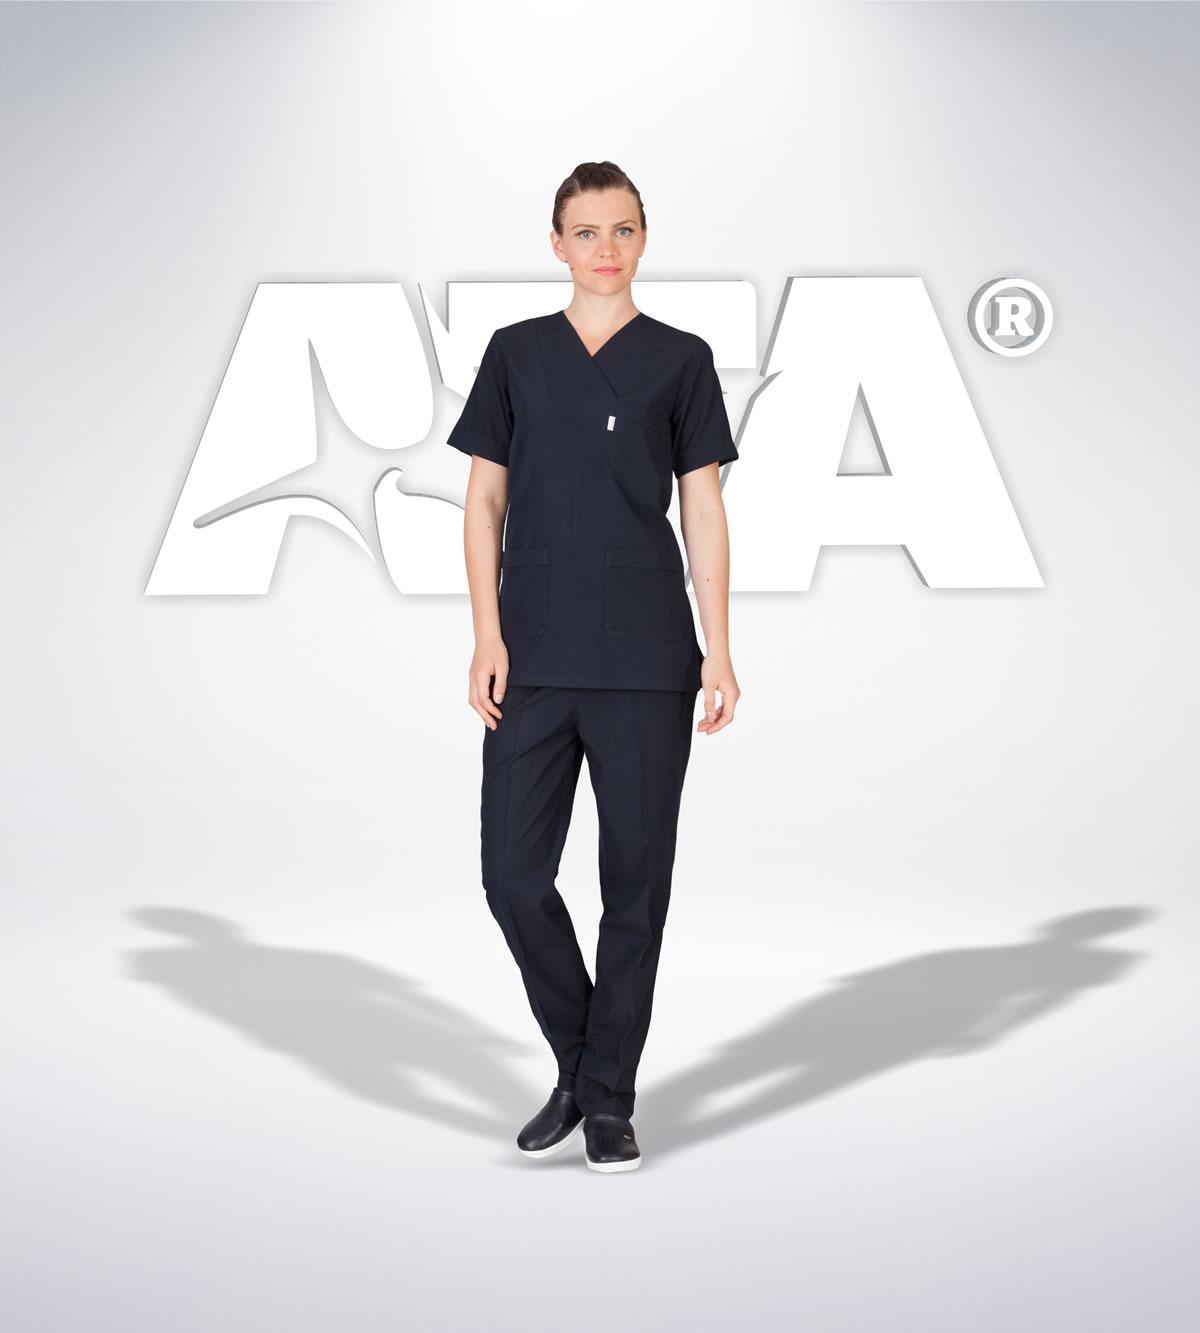 ATA 424 - iş elbiseleri | iş üniformaları | iş kıyafetleri